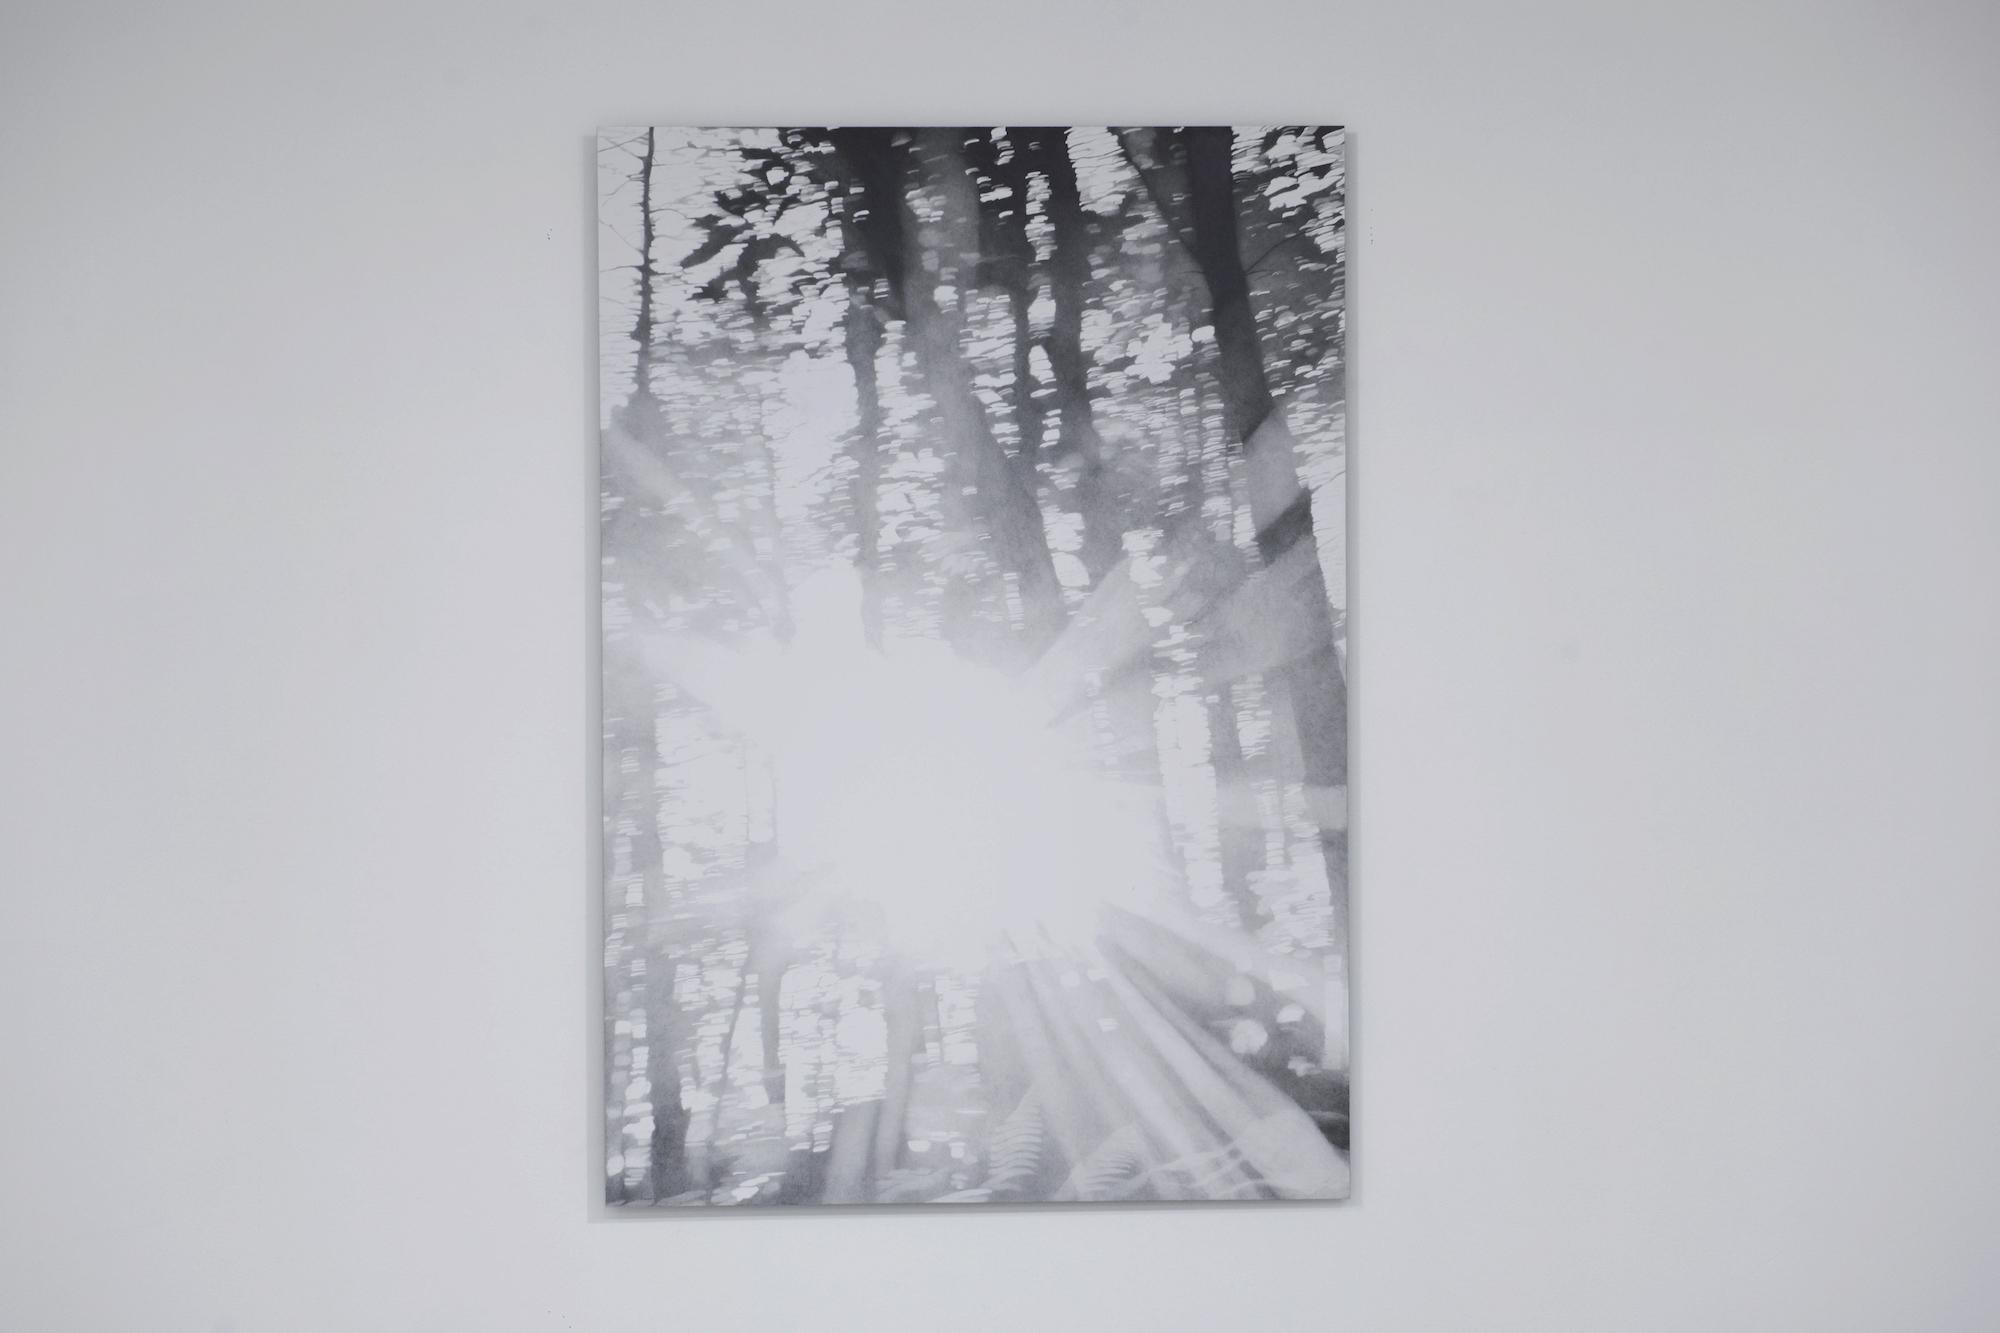 Soloppgang ved Fontainebleau , 2016 Blyant på papir montert på aluminium, 140 cm x 100 cm